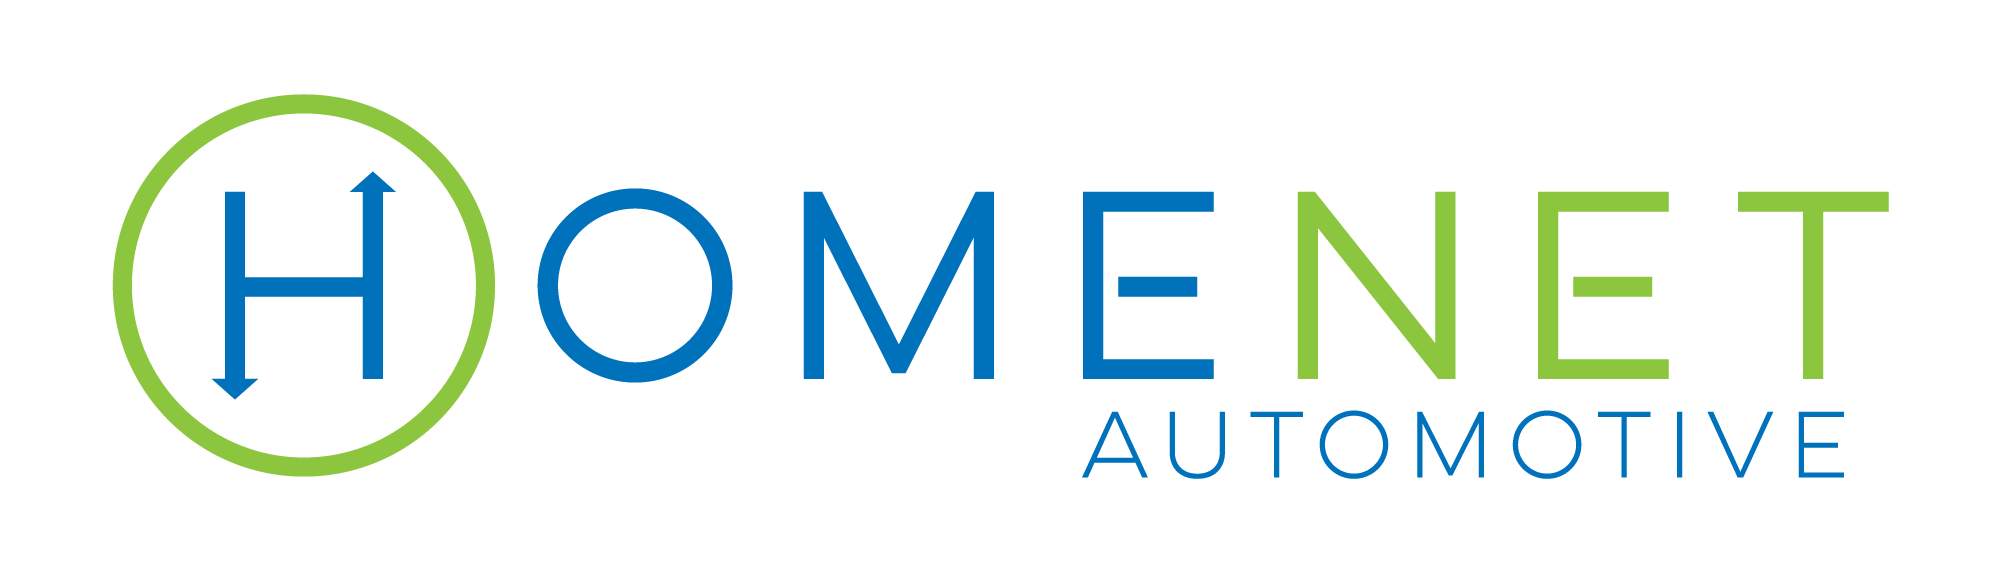 HomeNet Automotive Company Logo